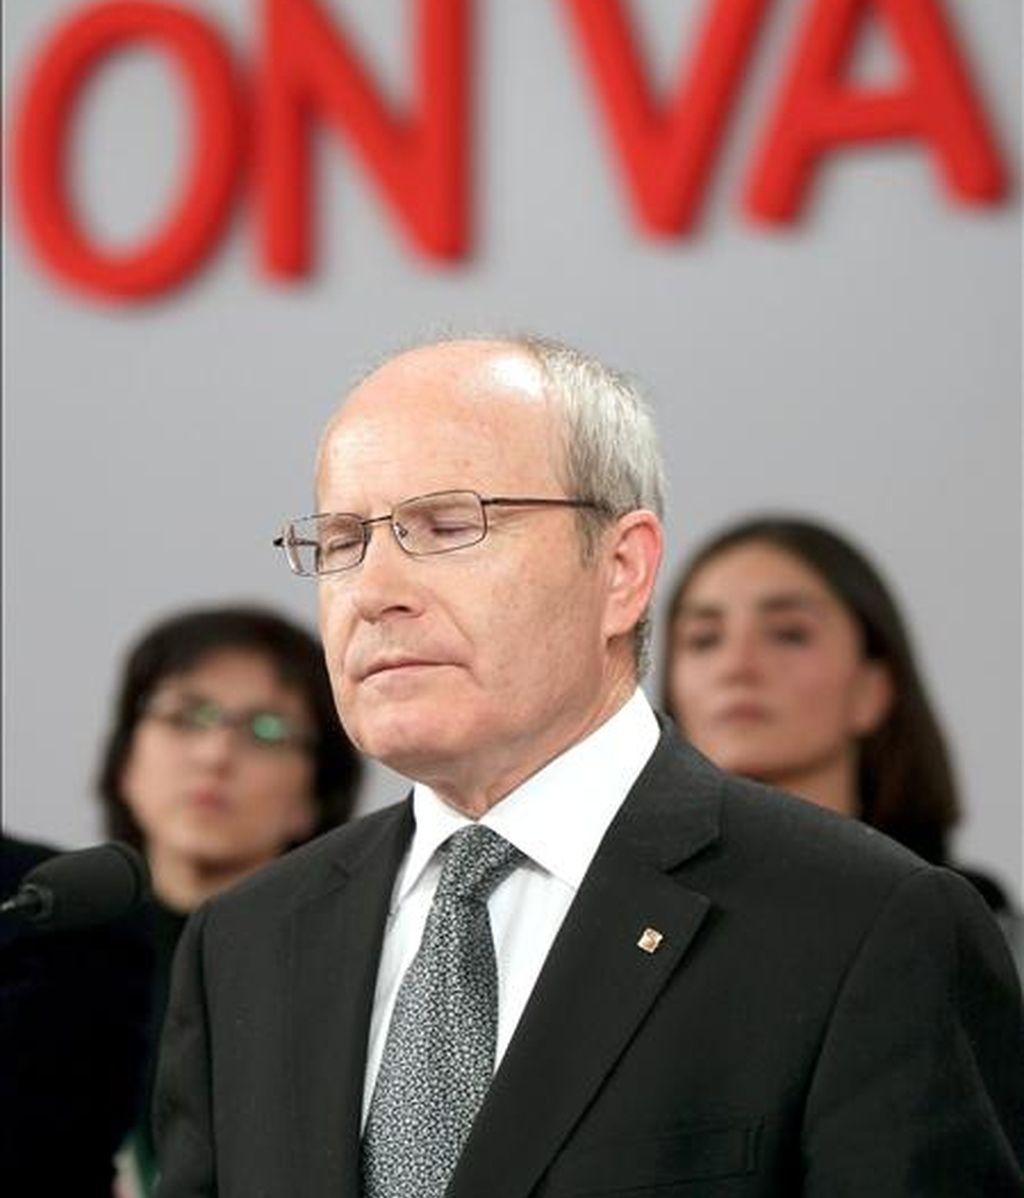 El presidente catalán en funciones, José Montilla, el pasado domingo tras conocer los resultados electorales. EFE